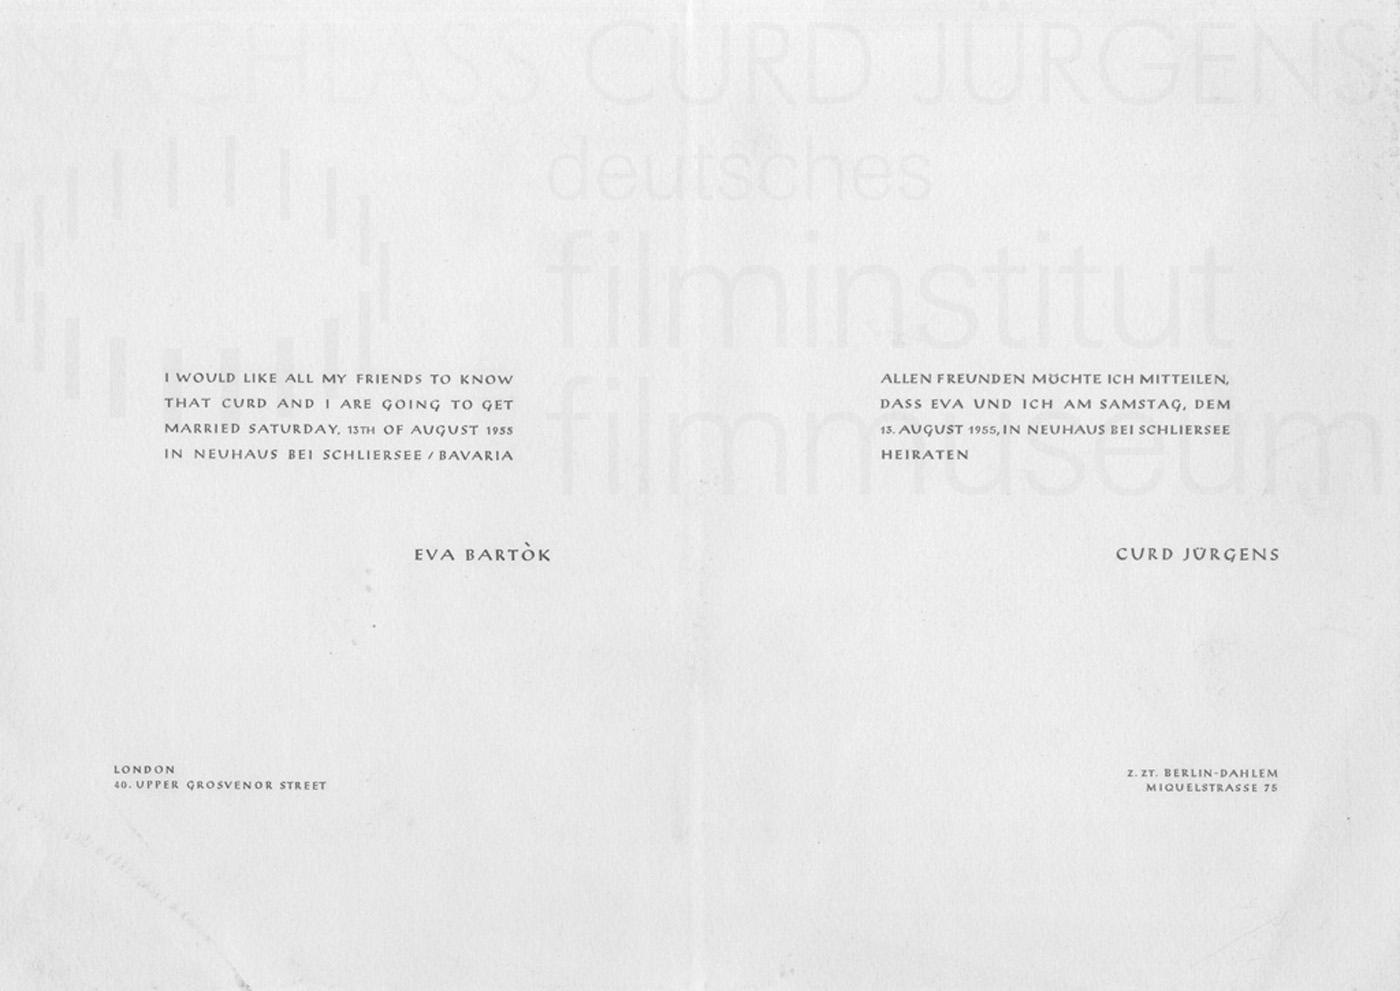 Heiratsanzeige Curd Jürgens und Eva Bartok, 1955